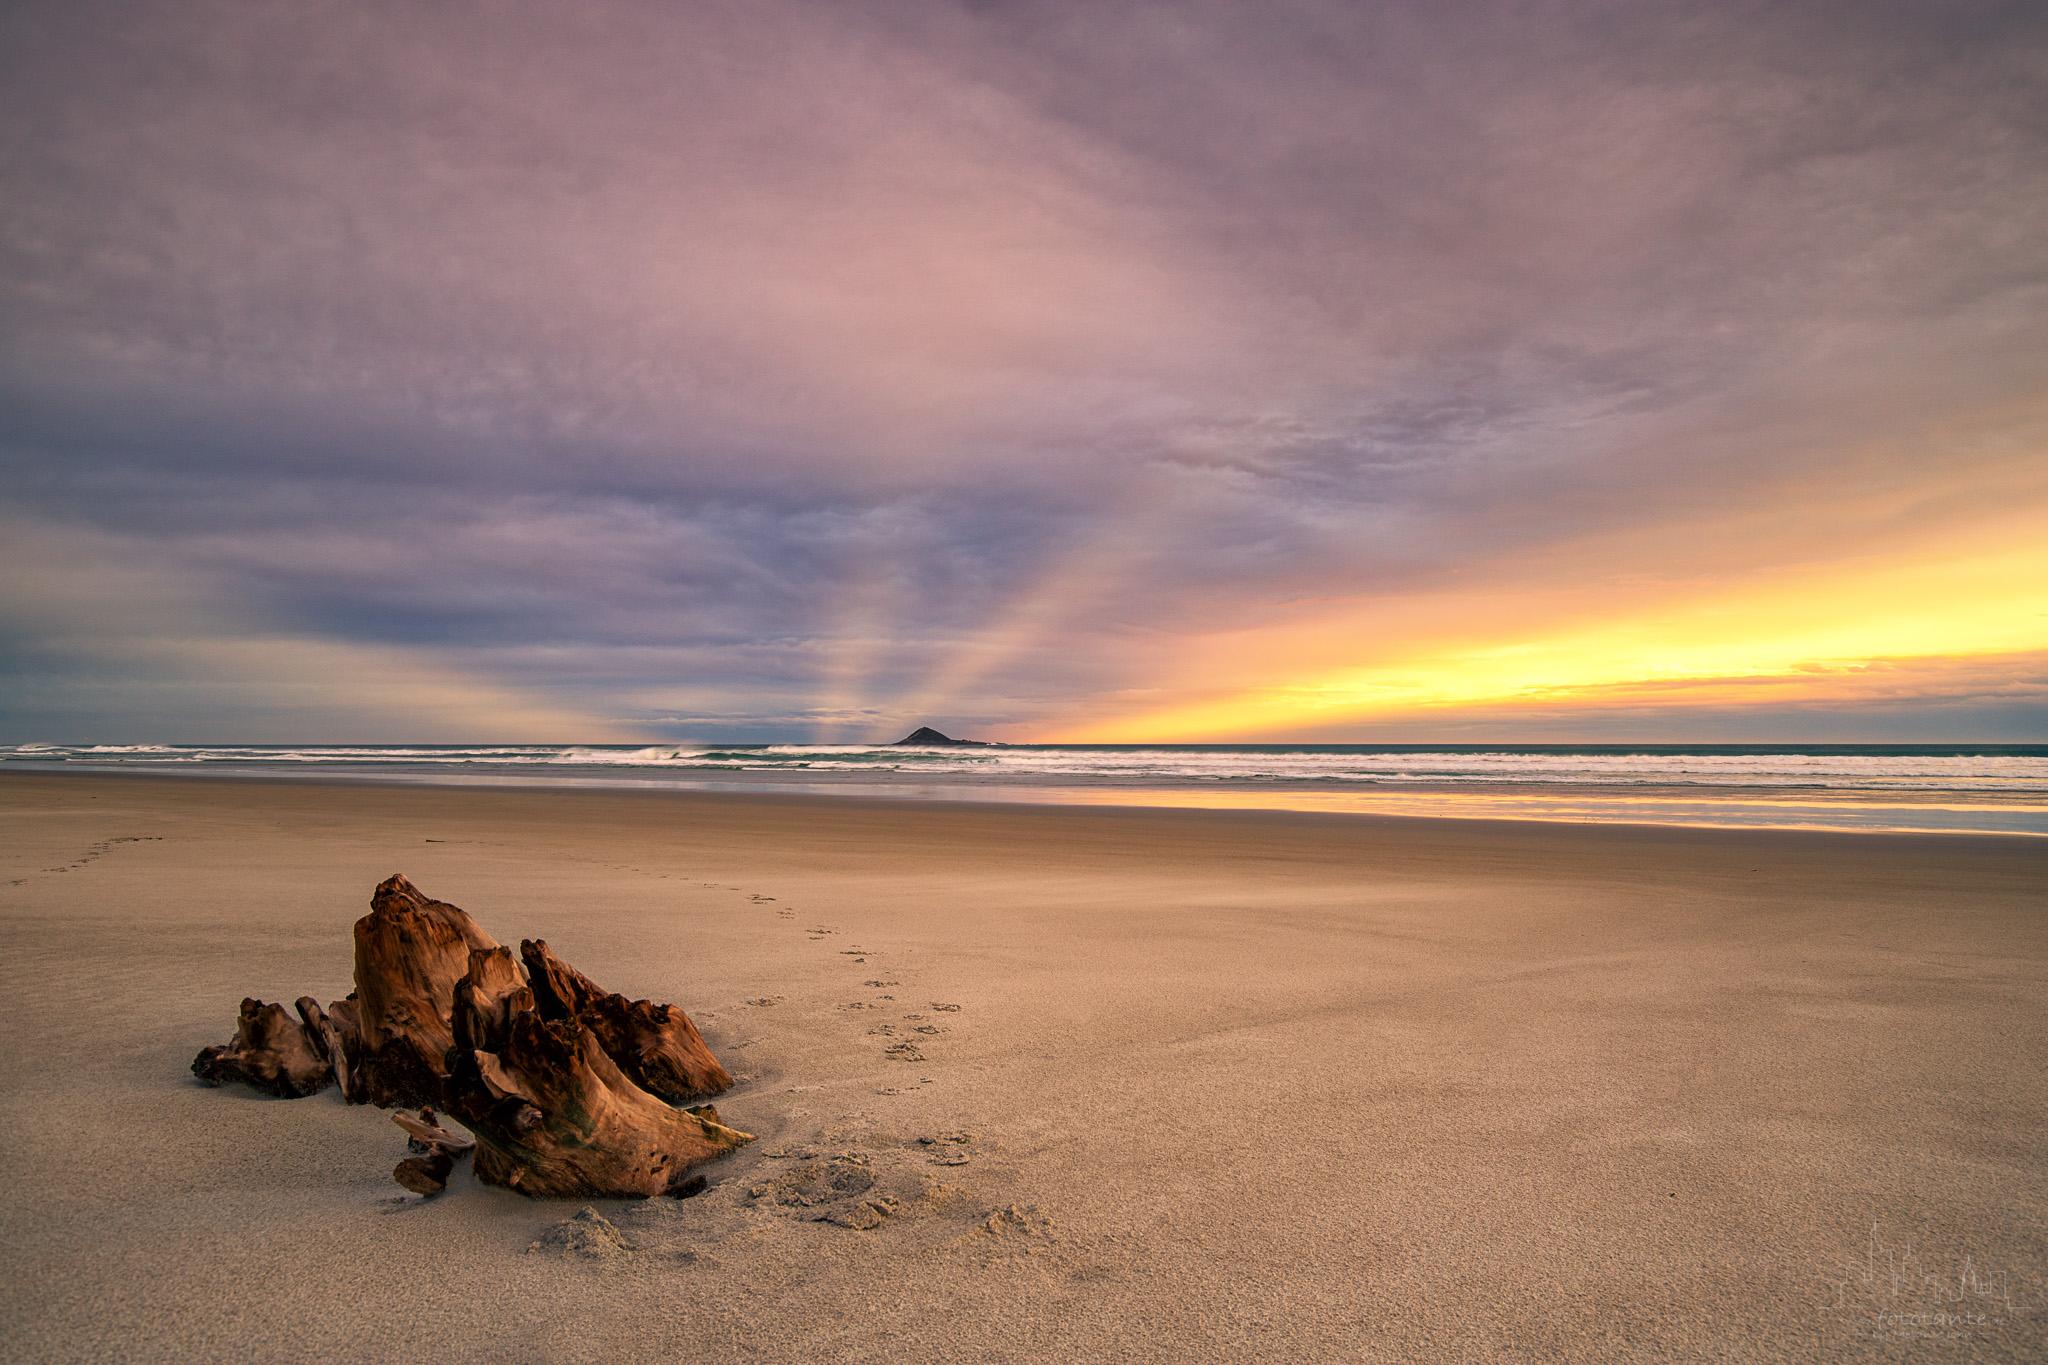 Ocean View Beach, south of Dunedin, New Zealand